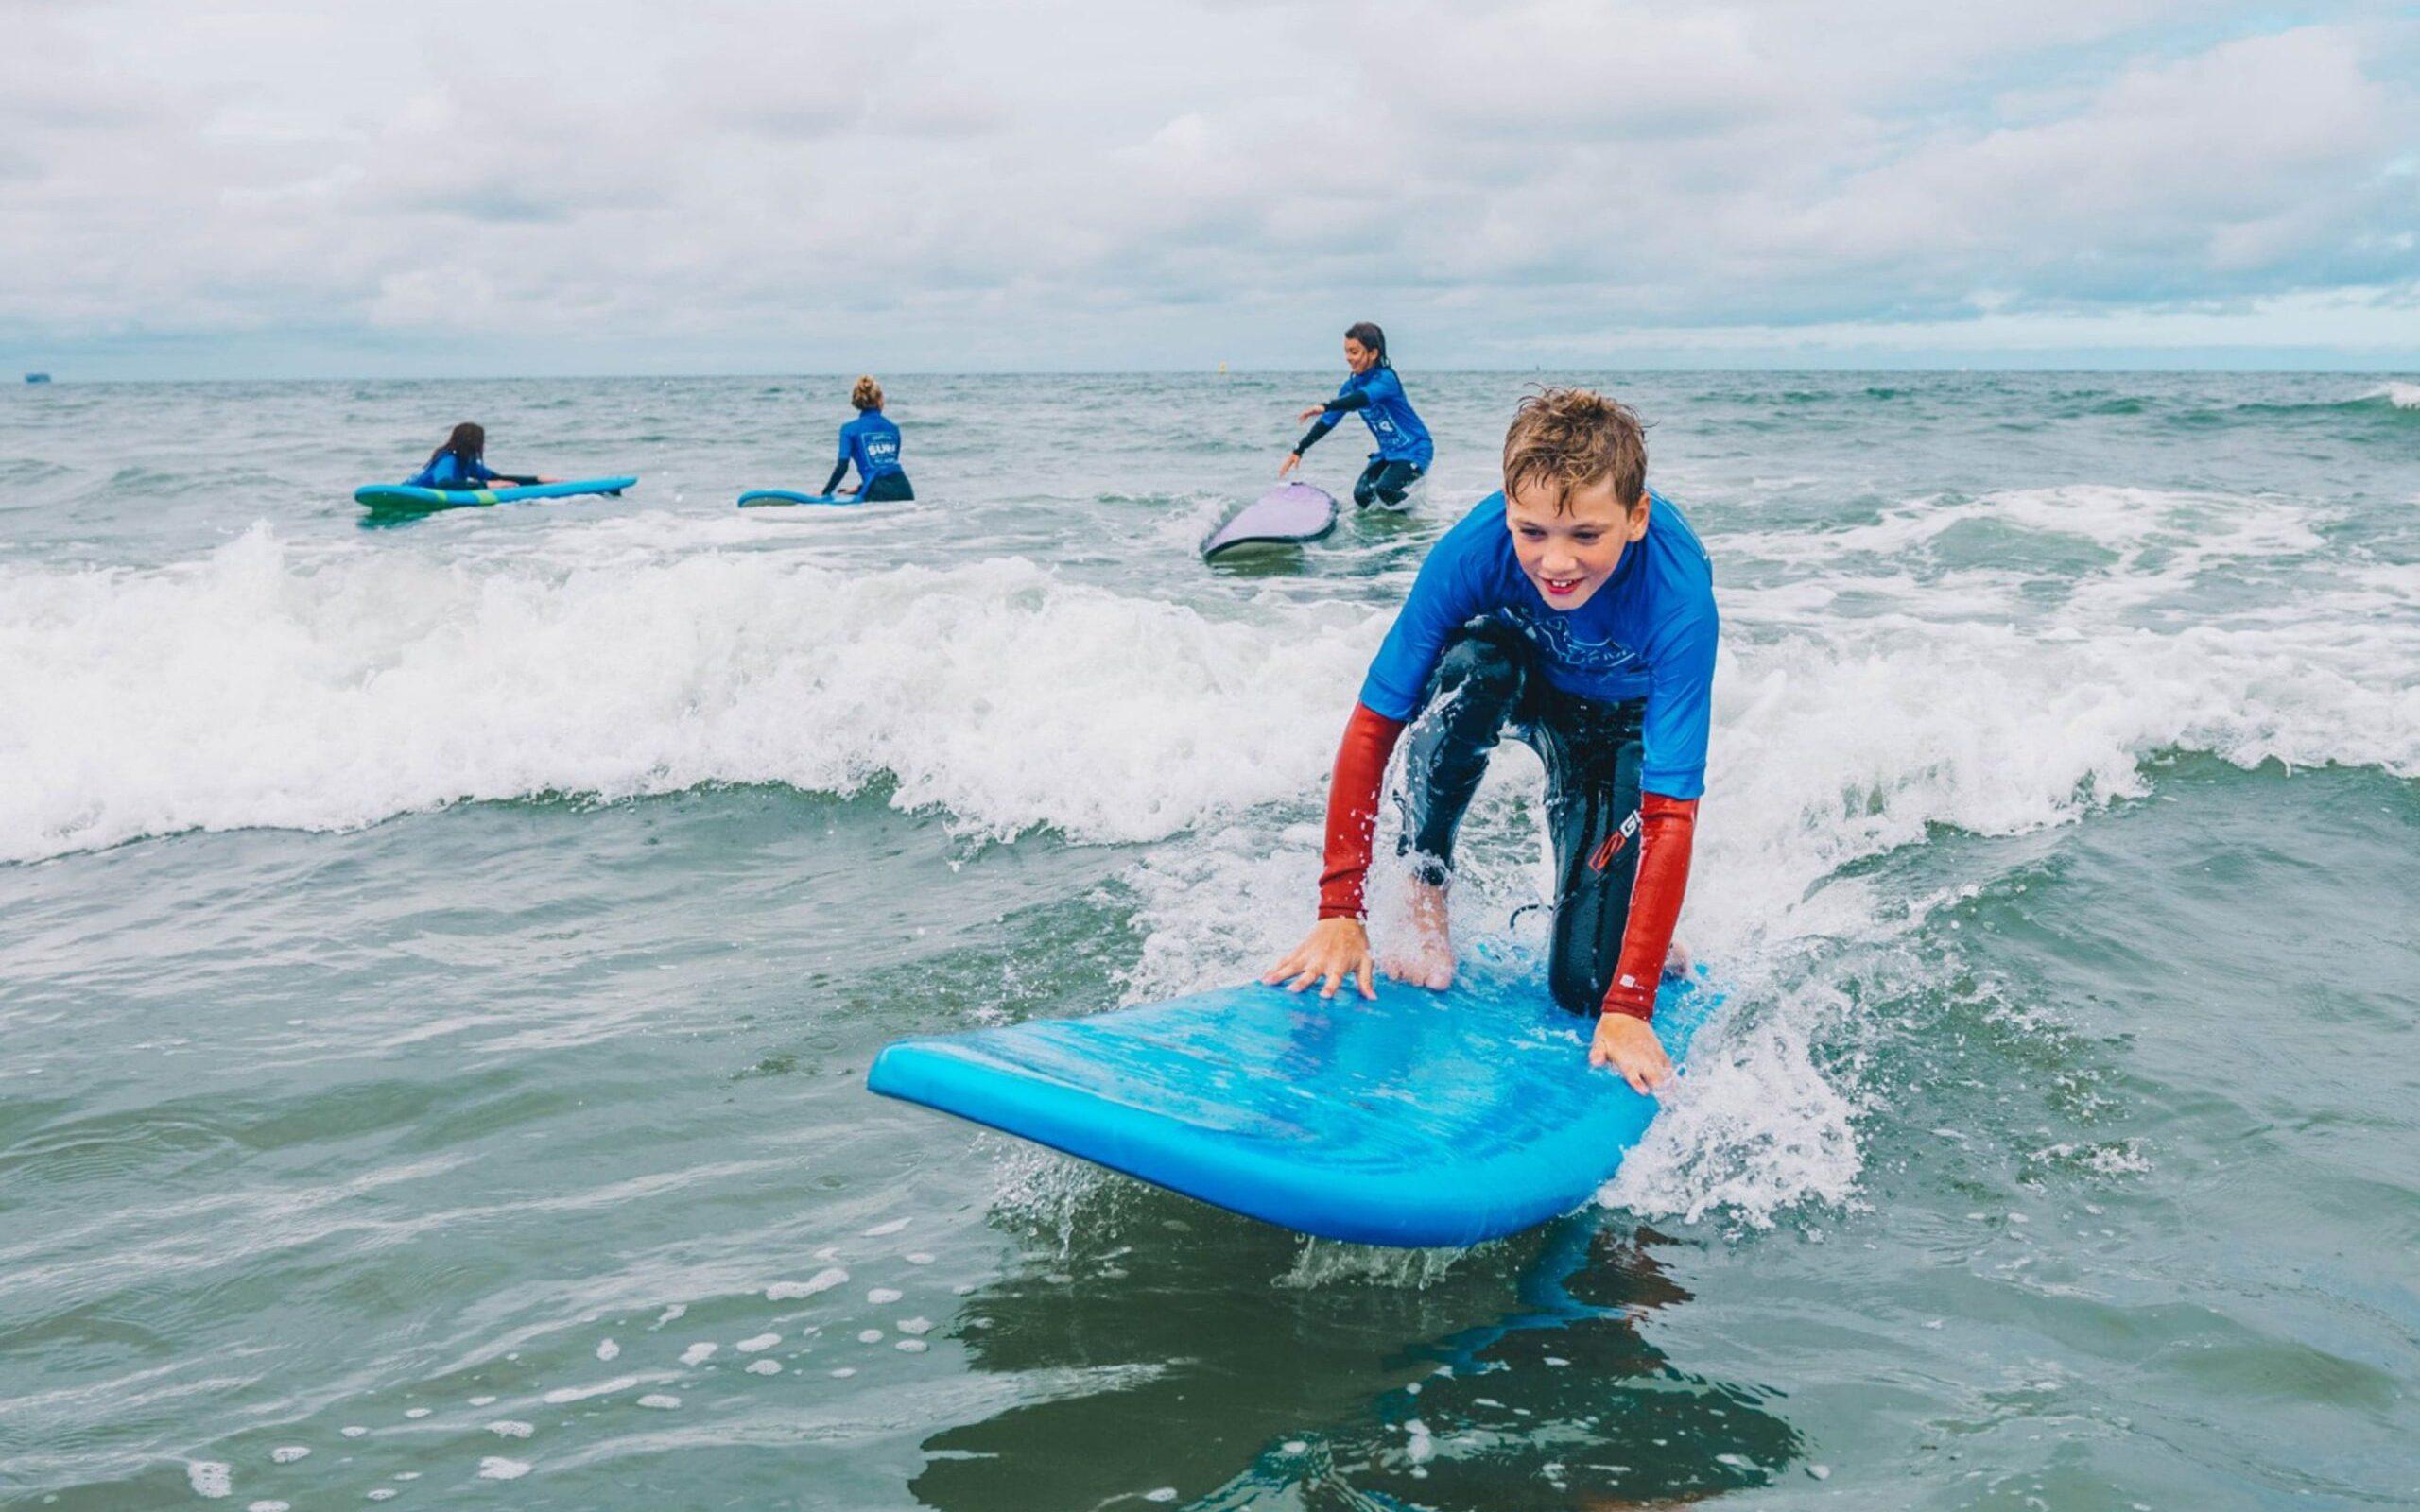 Surfles voor het eerst staan op de golven